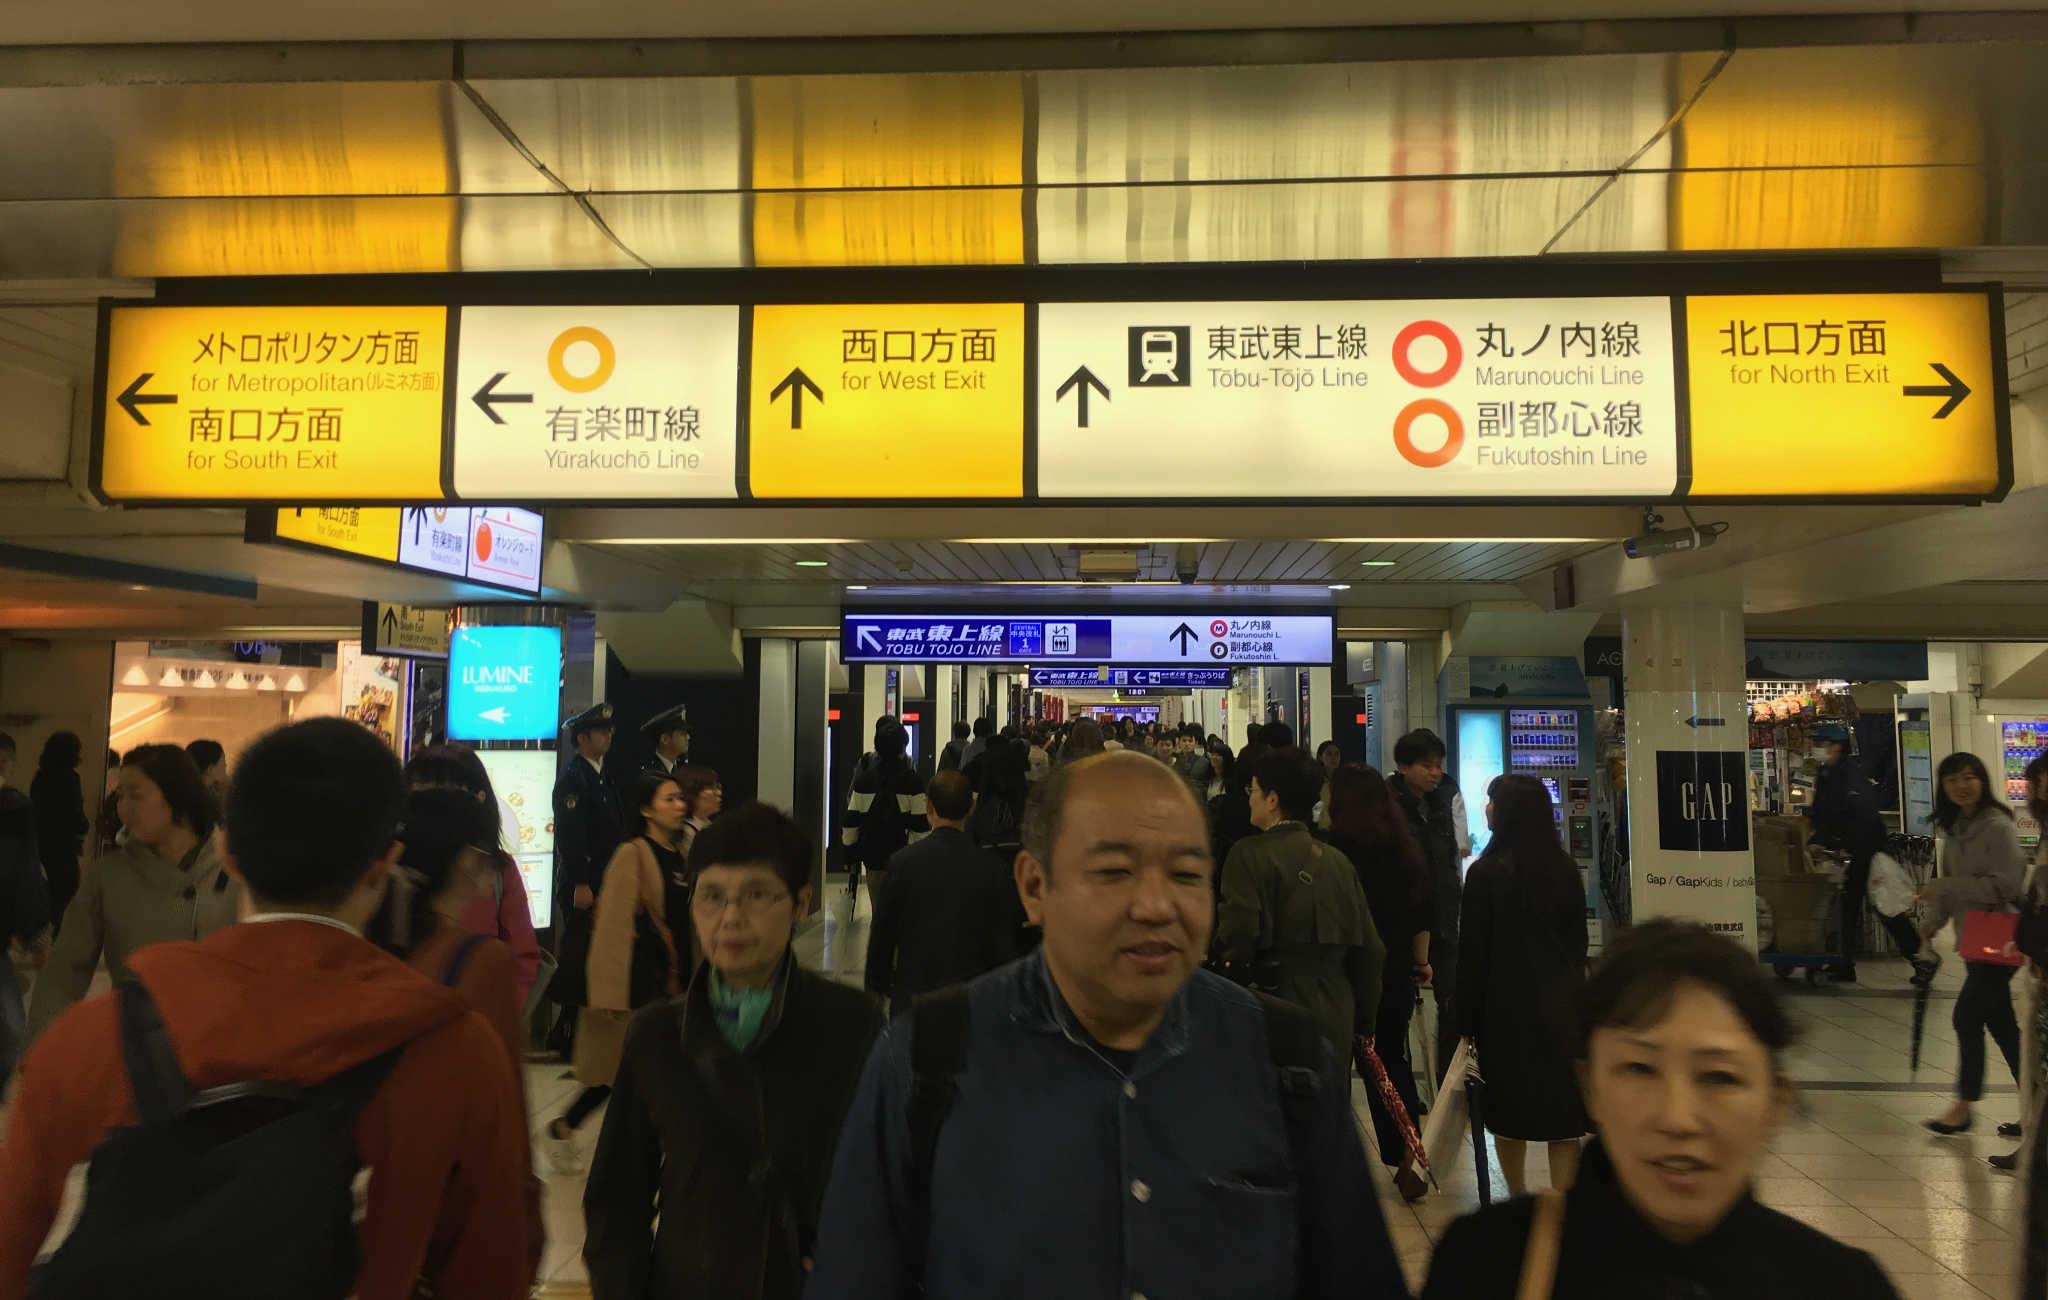 Les sorties du métro sont indiquées par une signalétique en jaune